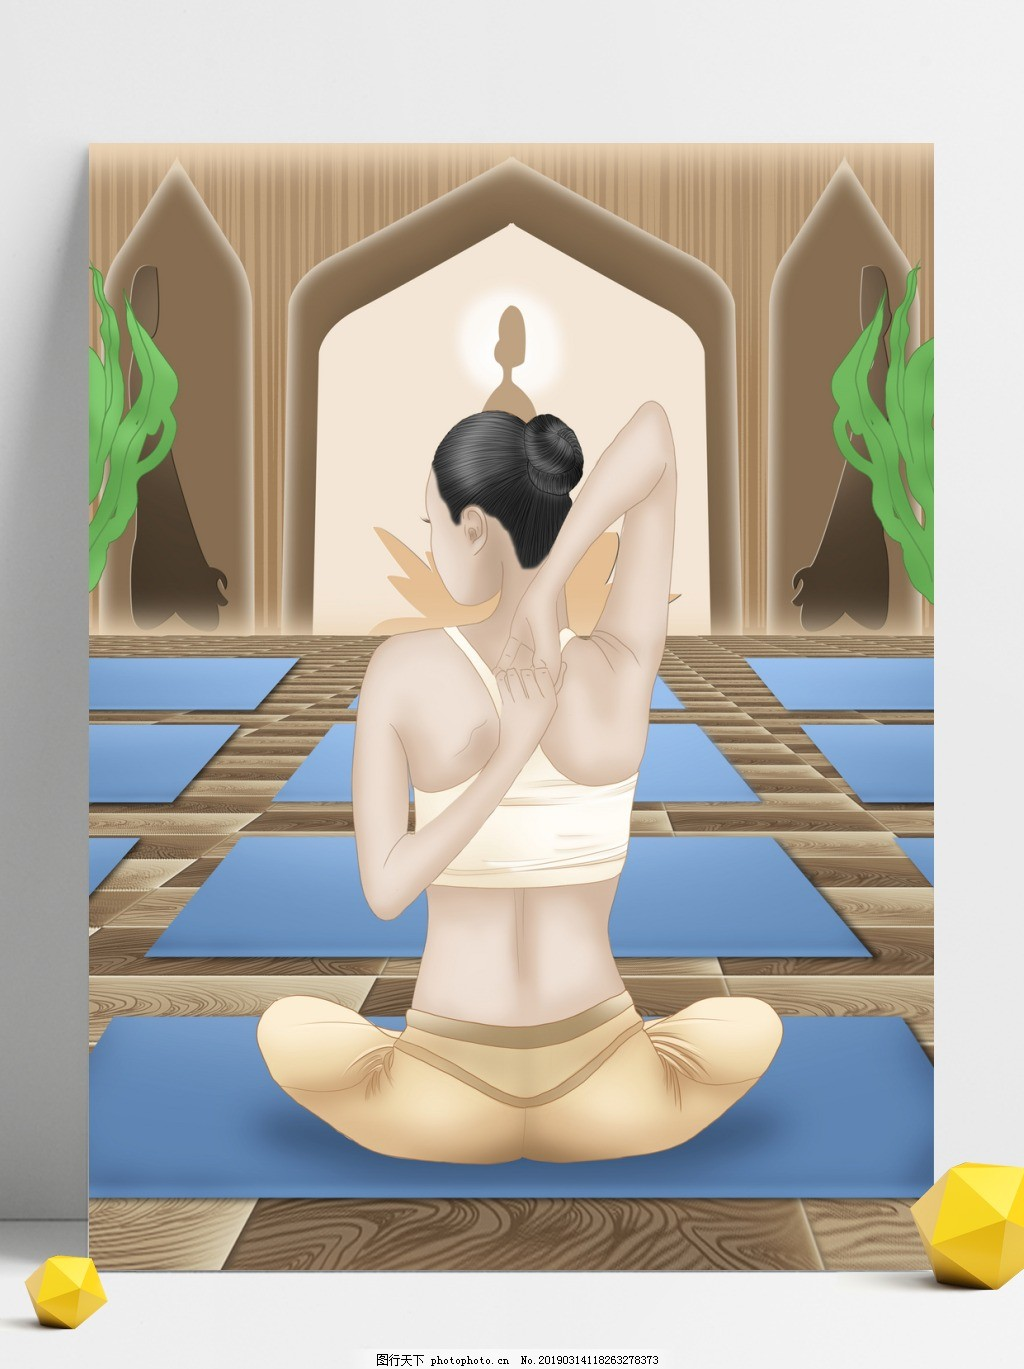 在做瑜珈的女人背景设计